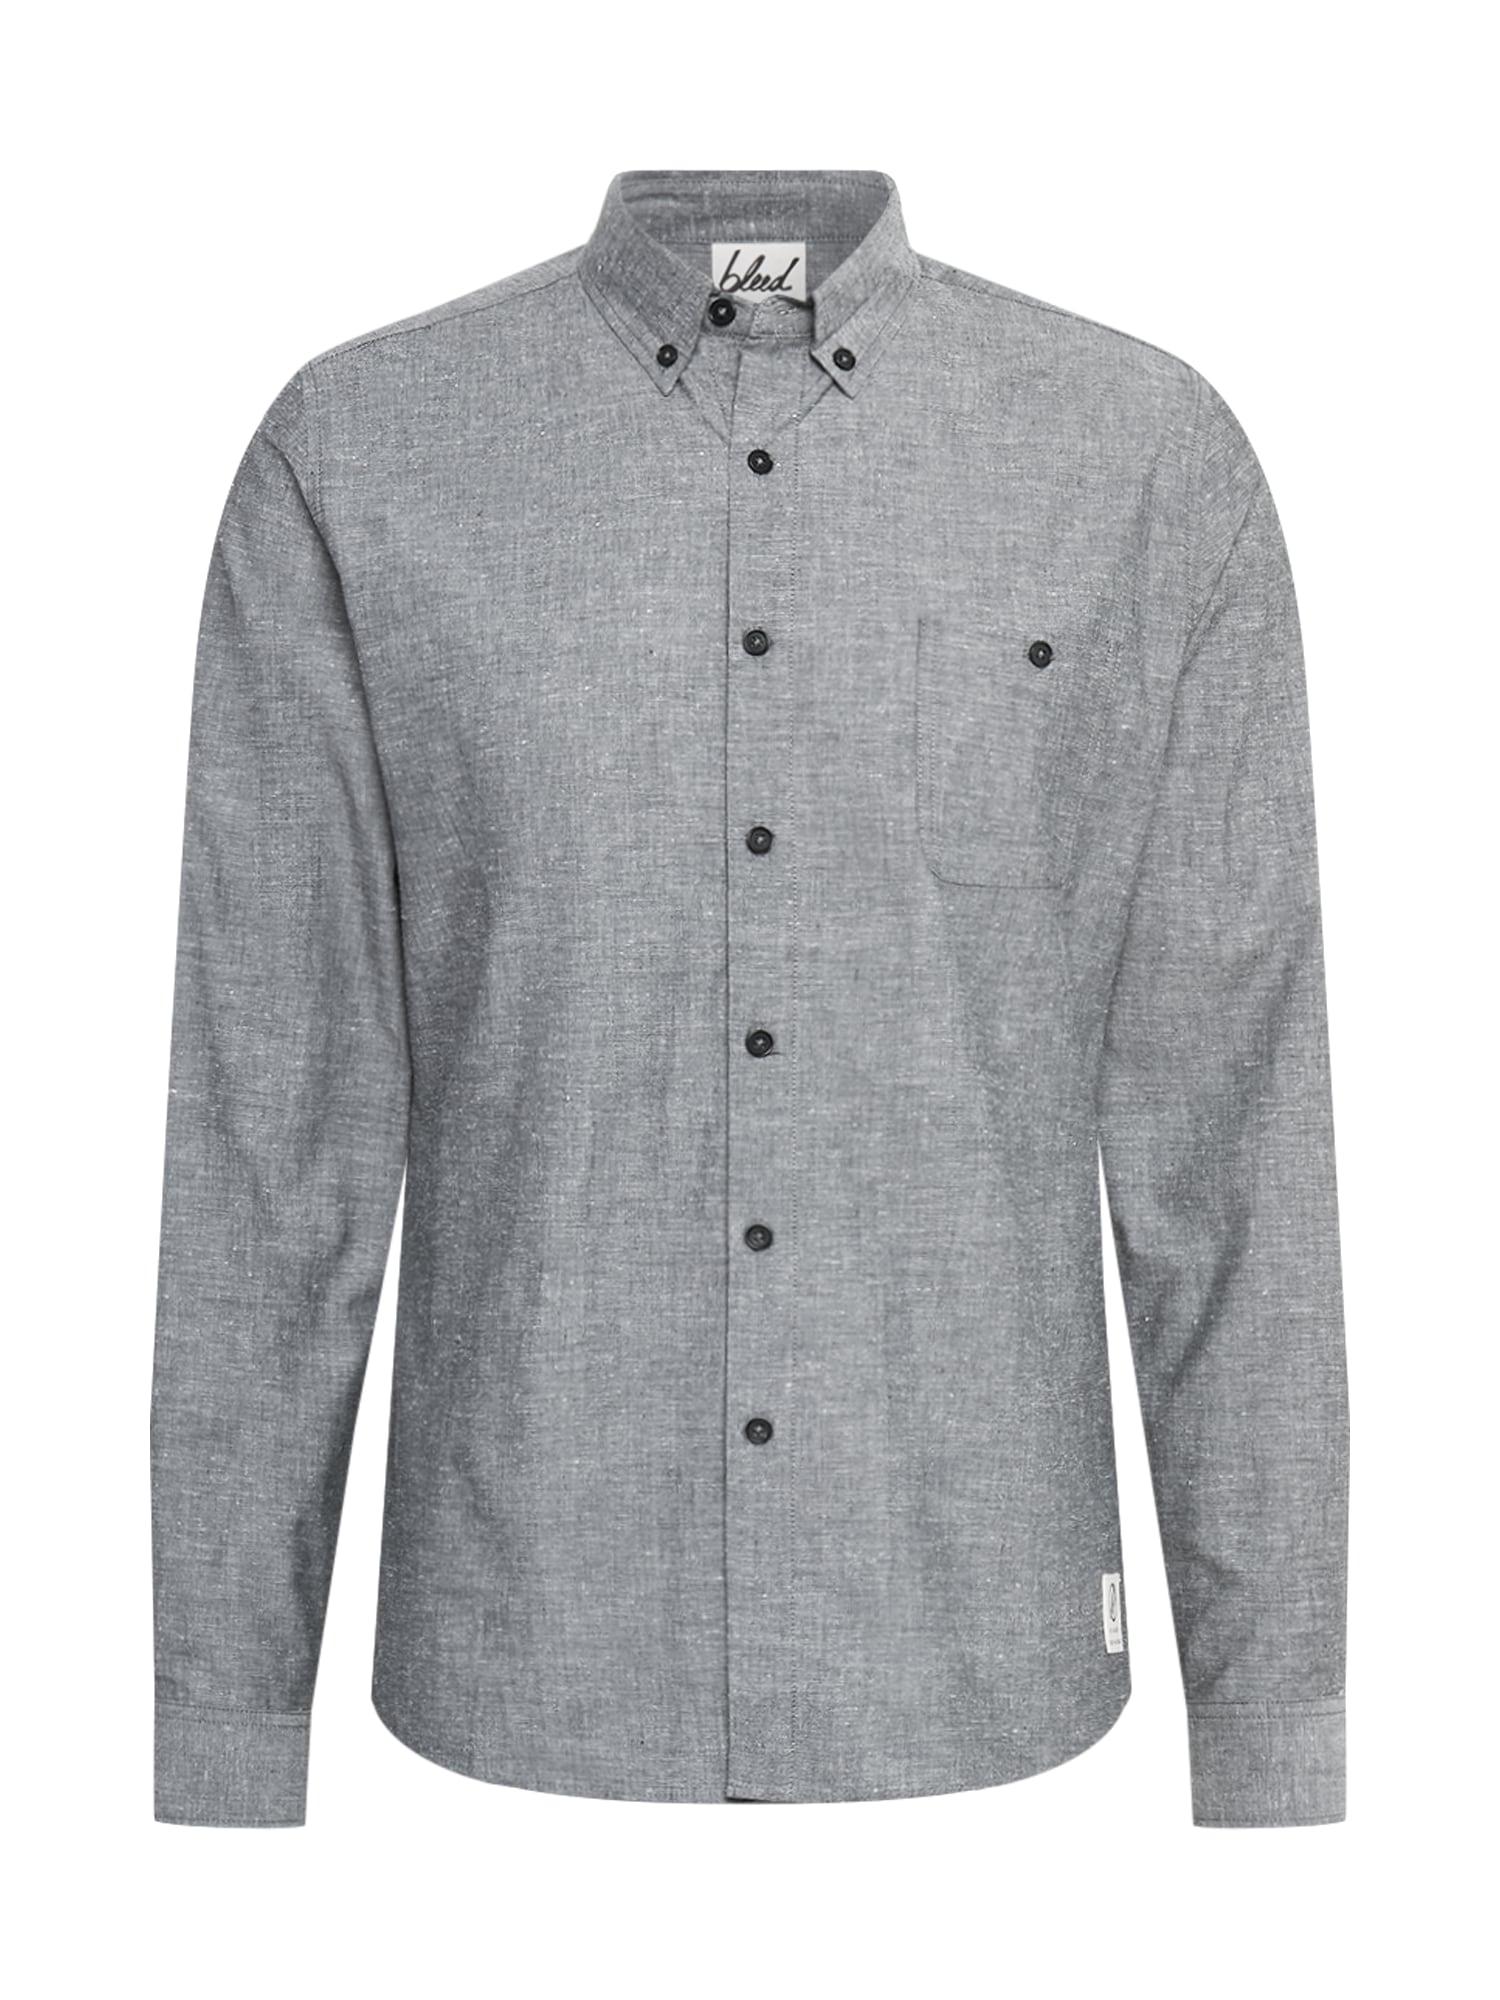 bleed clothing Marškiniai pilka